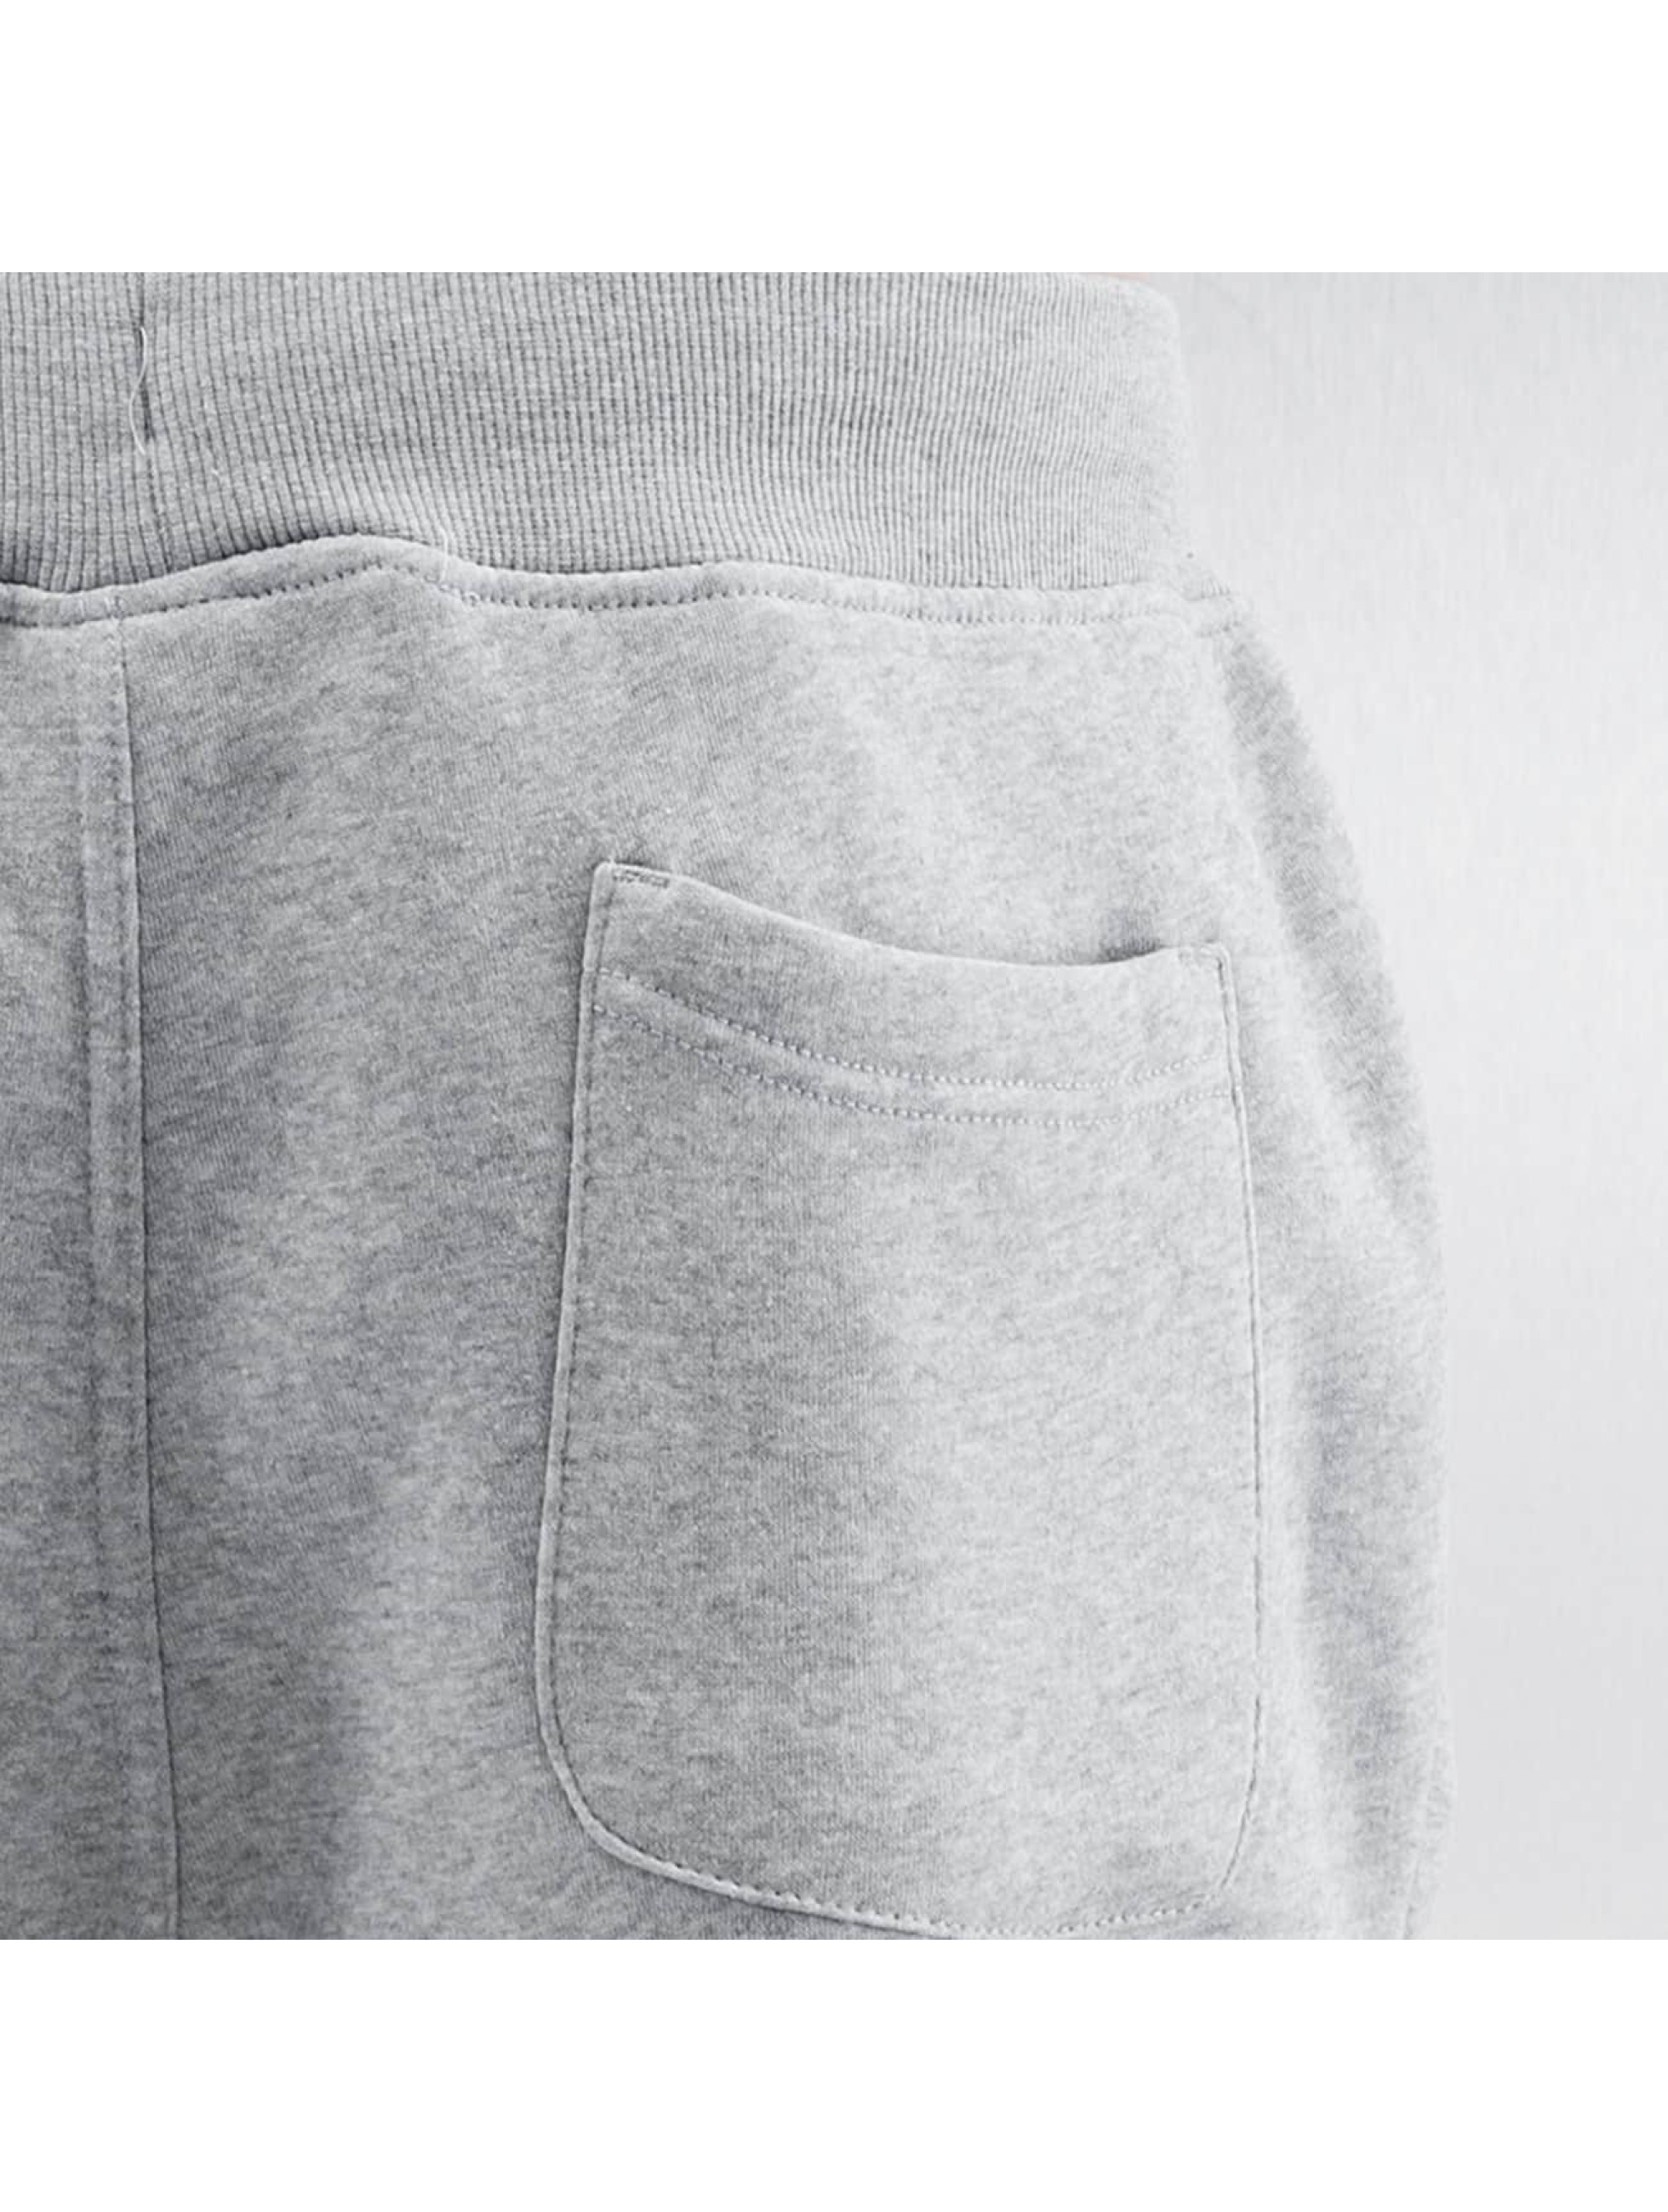 Southpole Sweat Pant Mason grey